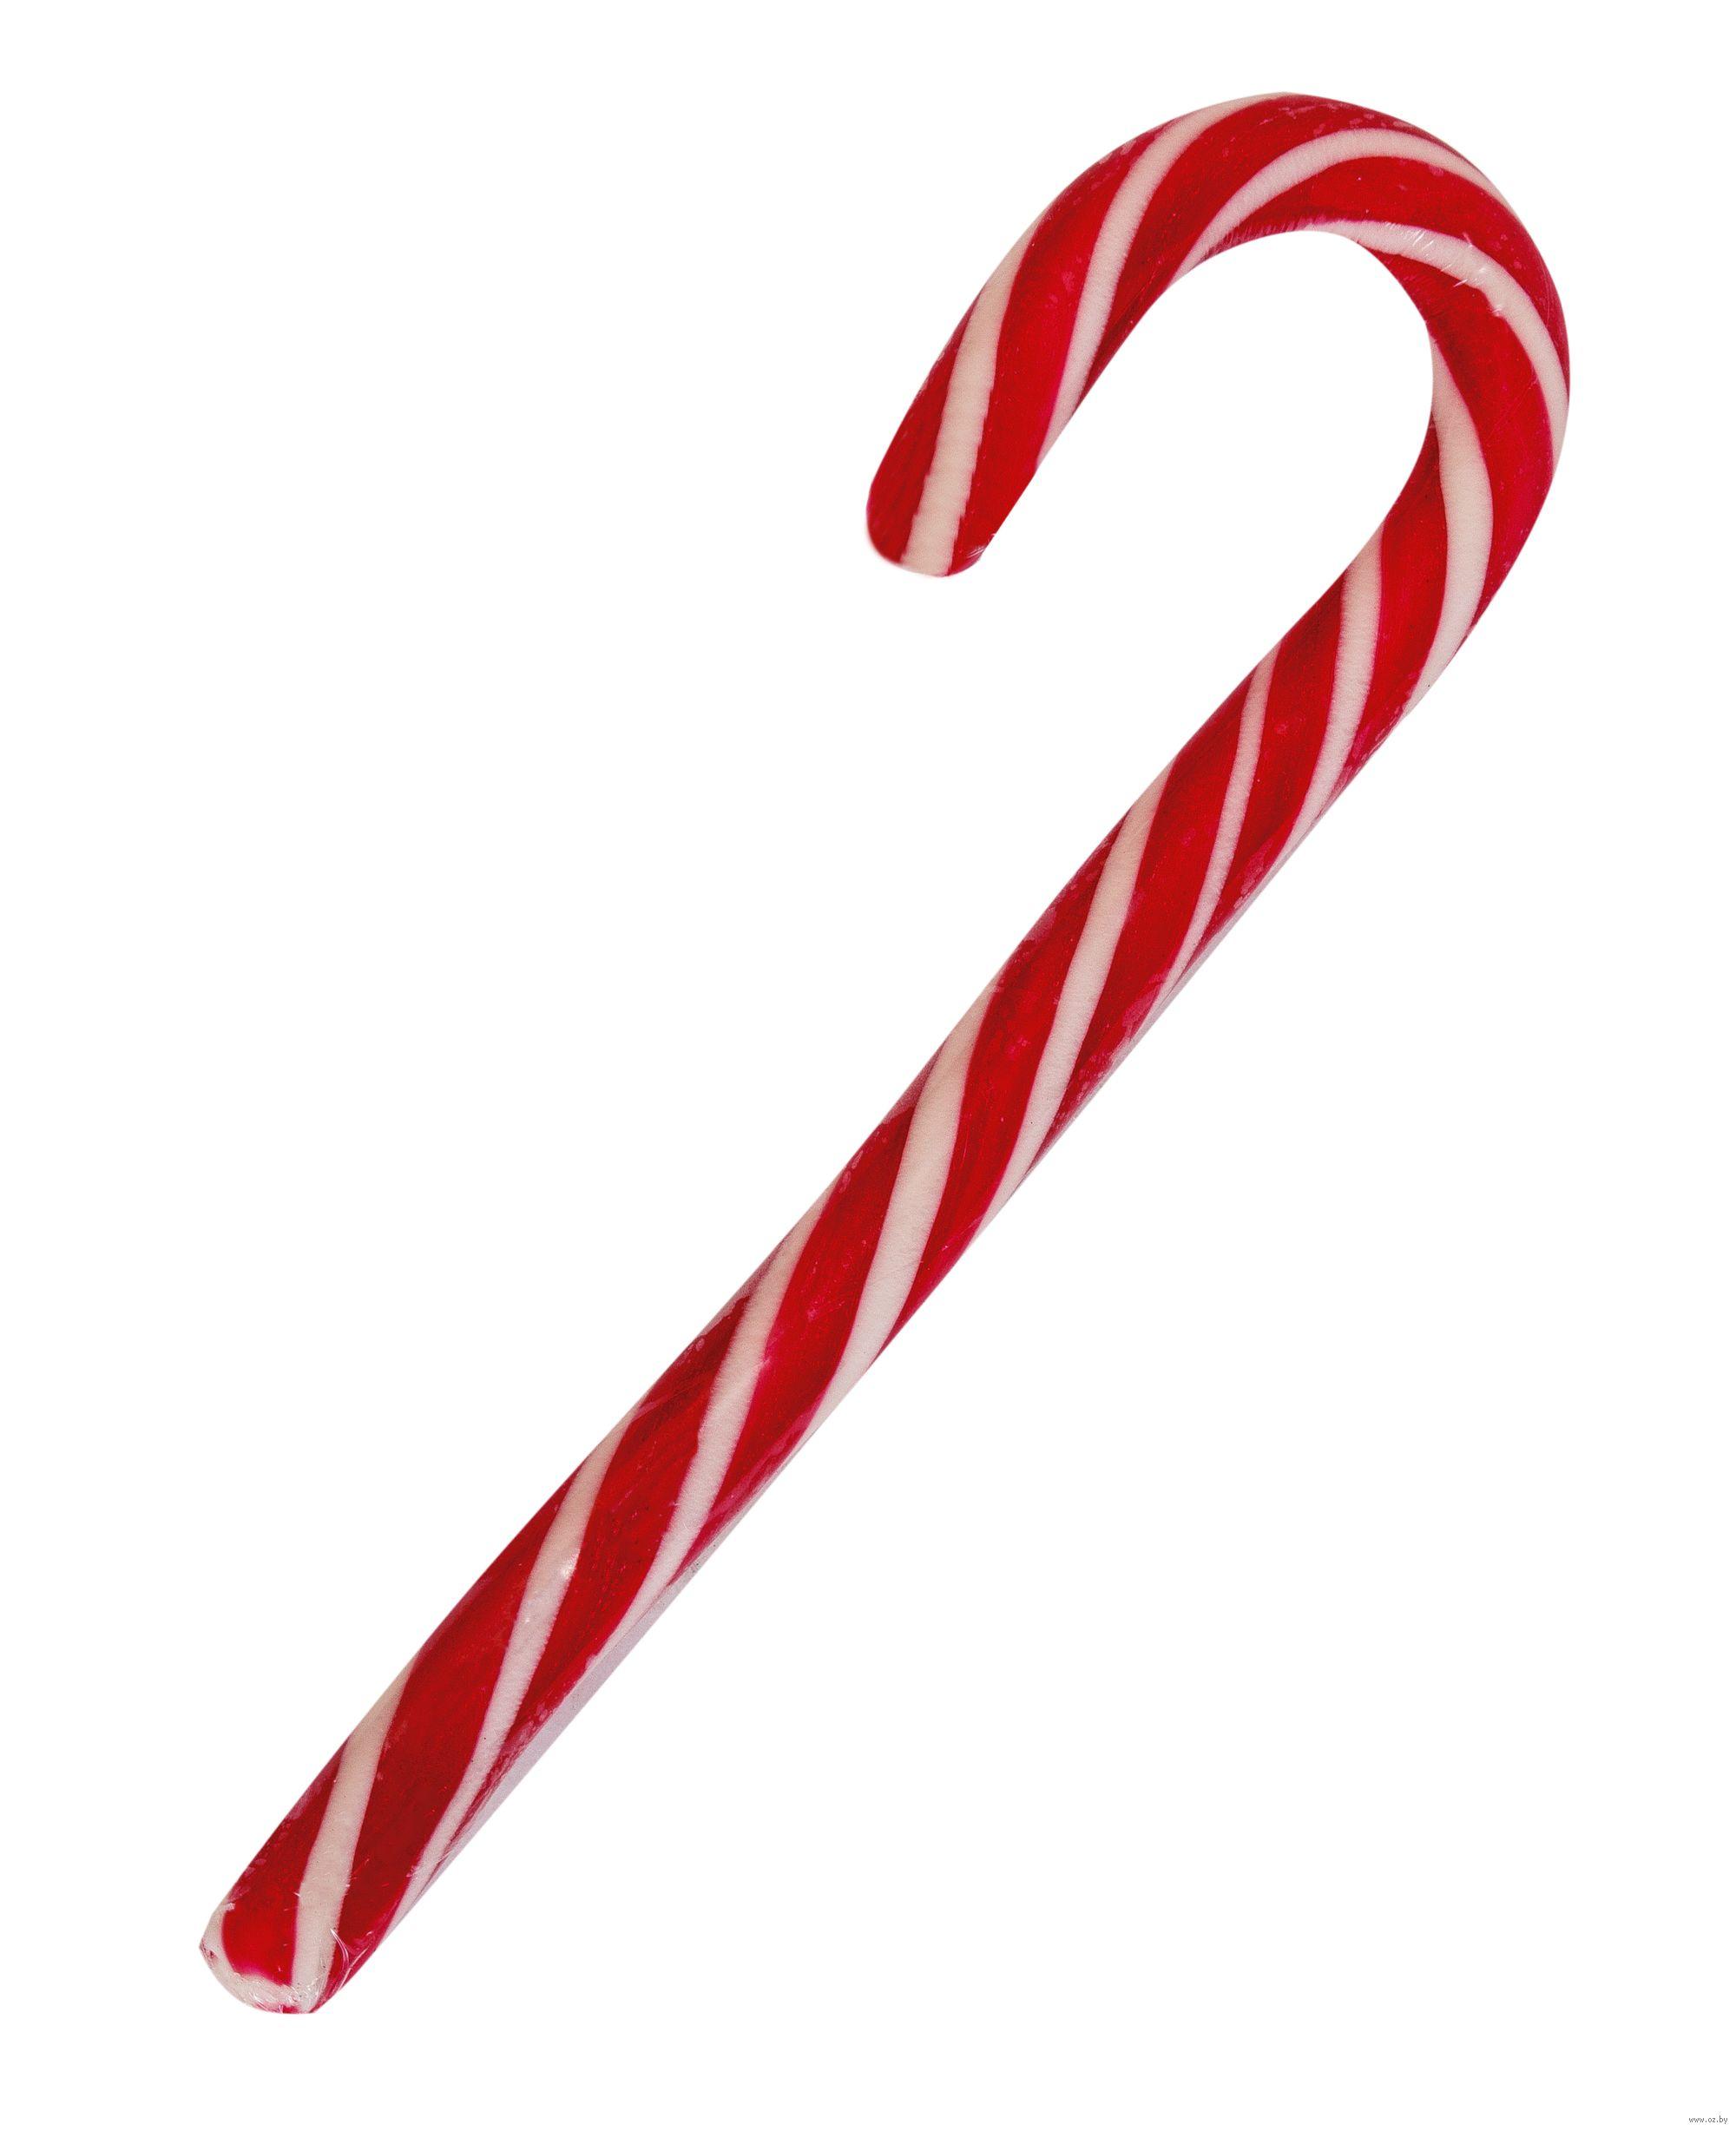 Candy Cane карамельная трость посох рождественский (классический, красно-белый)